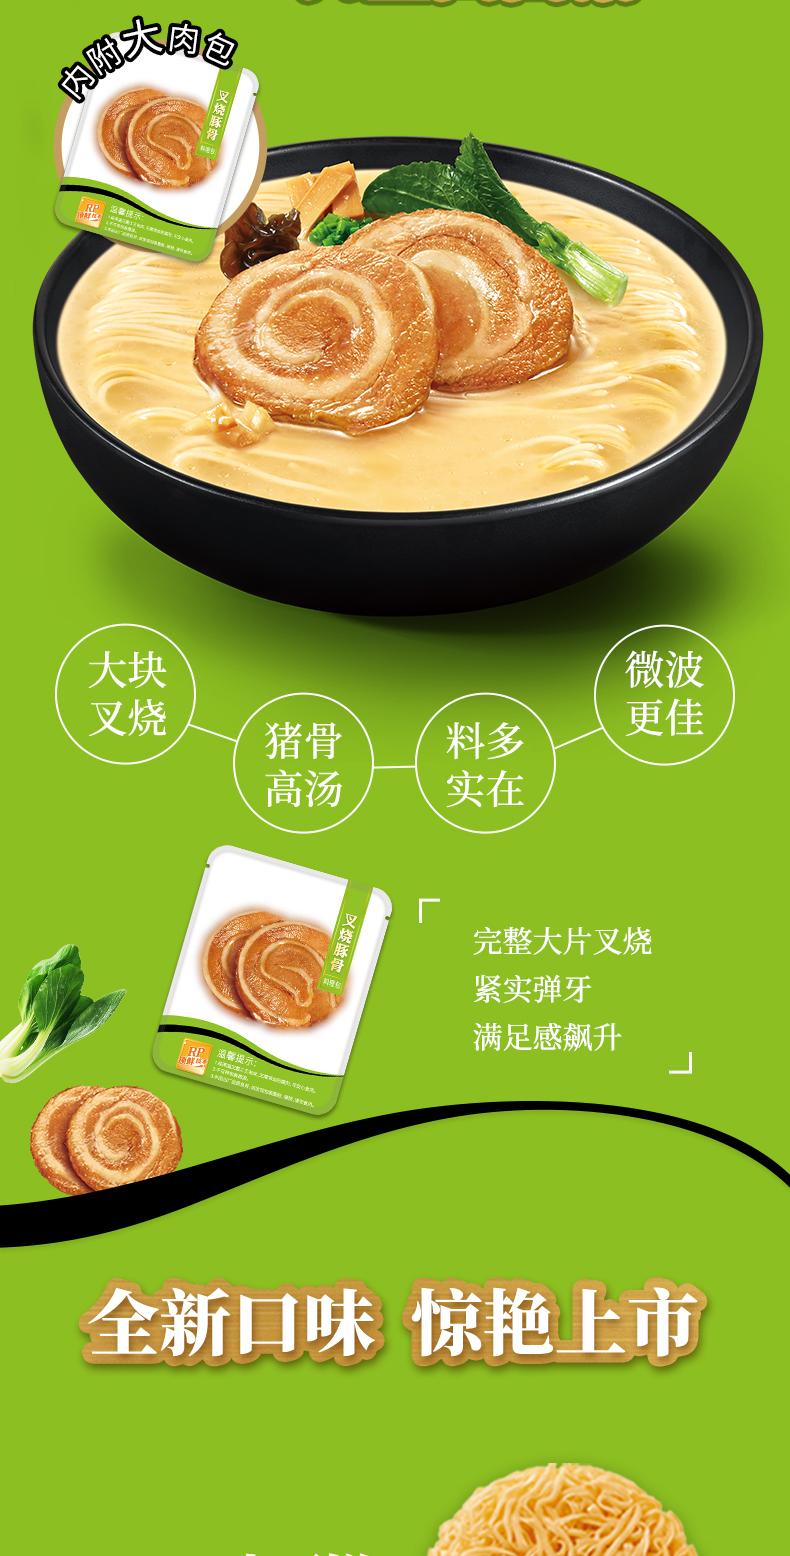 康师傅 Express速达面馆 日式叉烧豚骨面 3盒 29.9元包邮